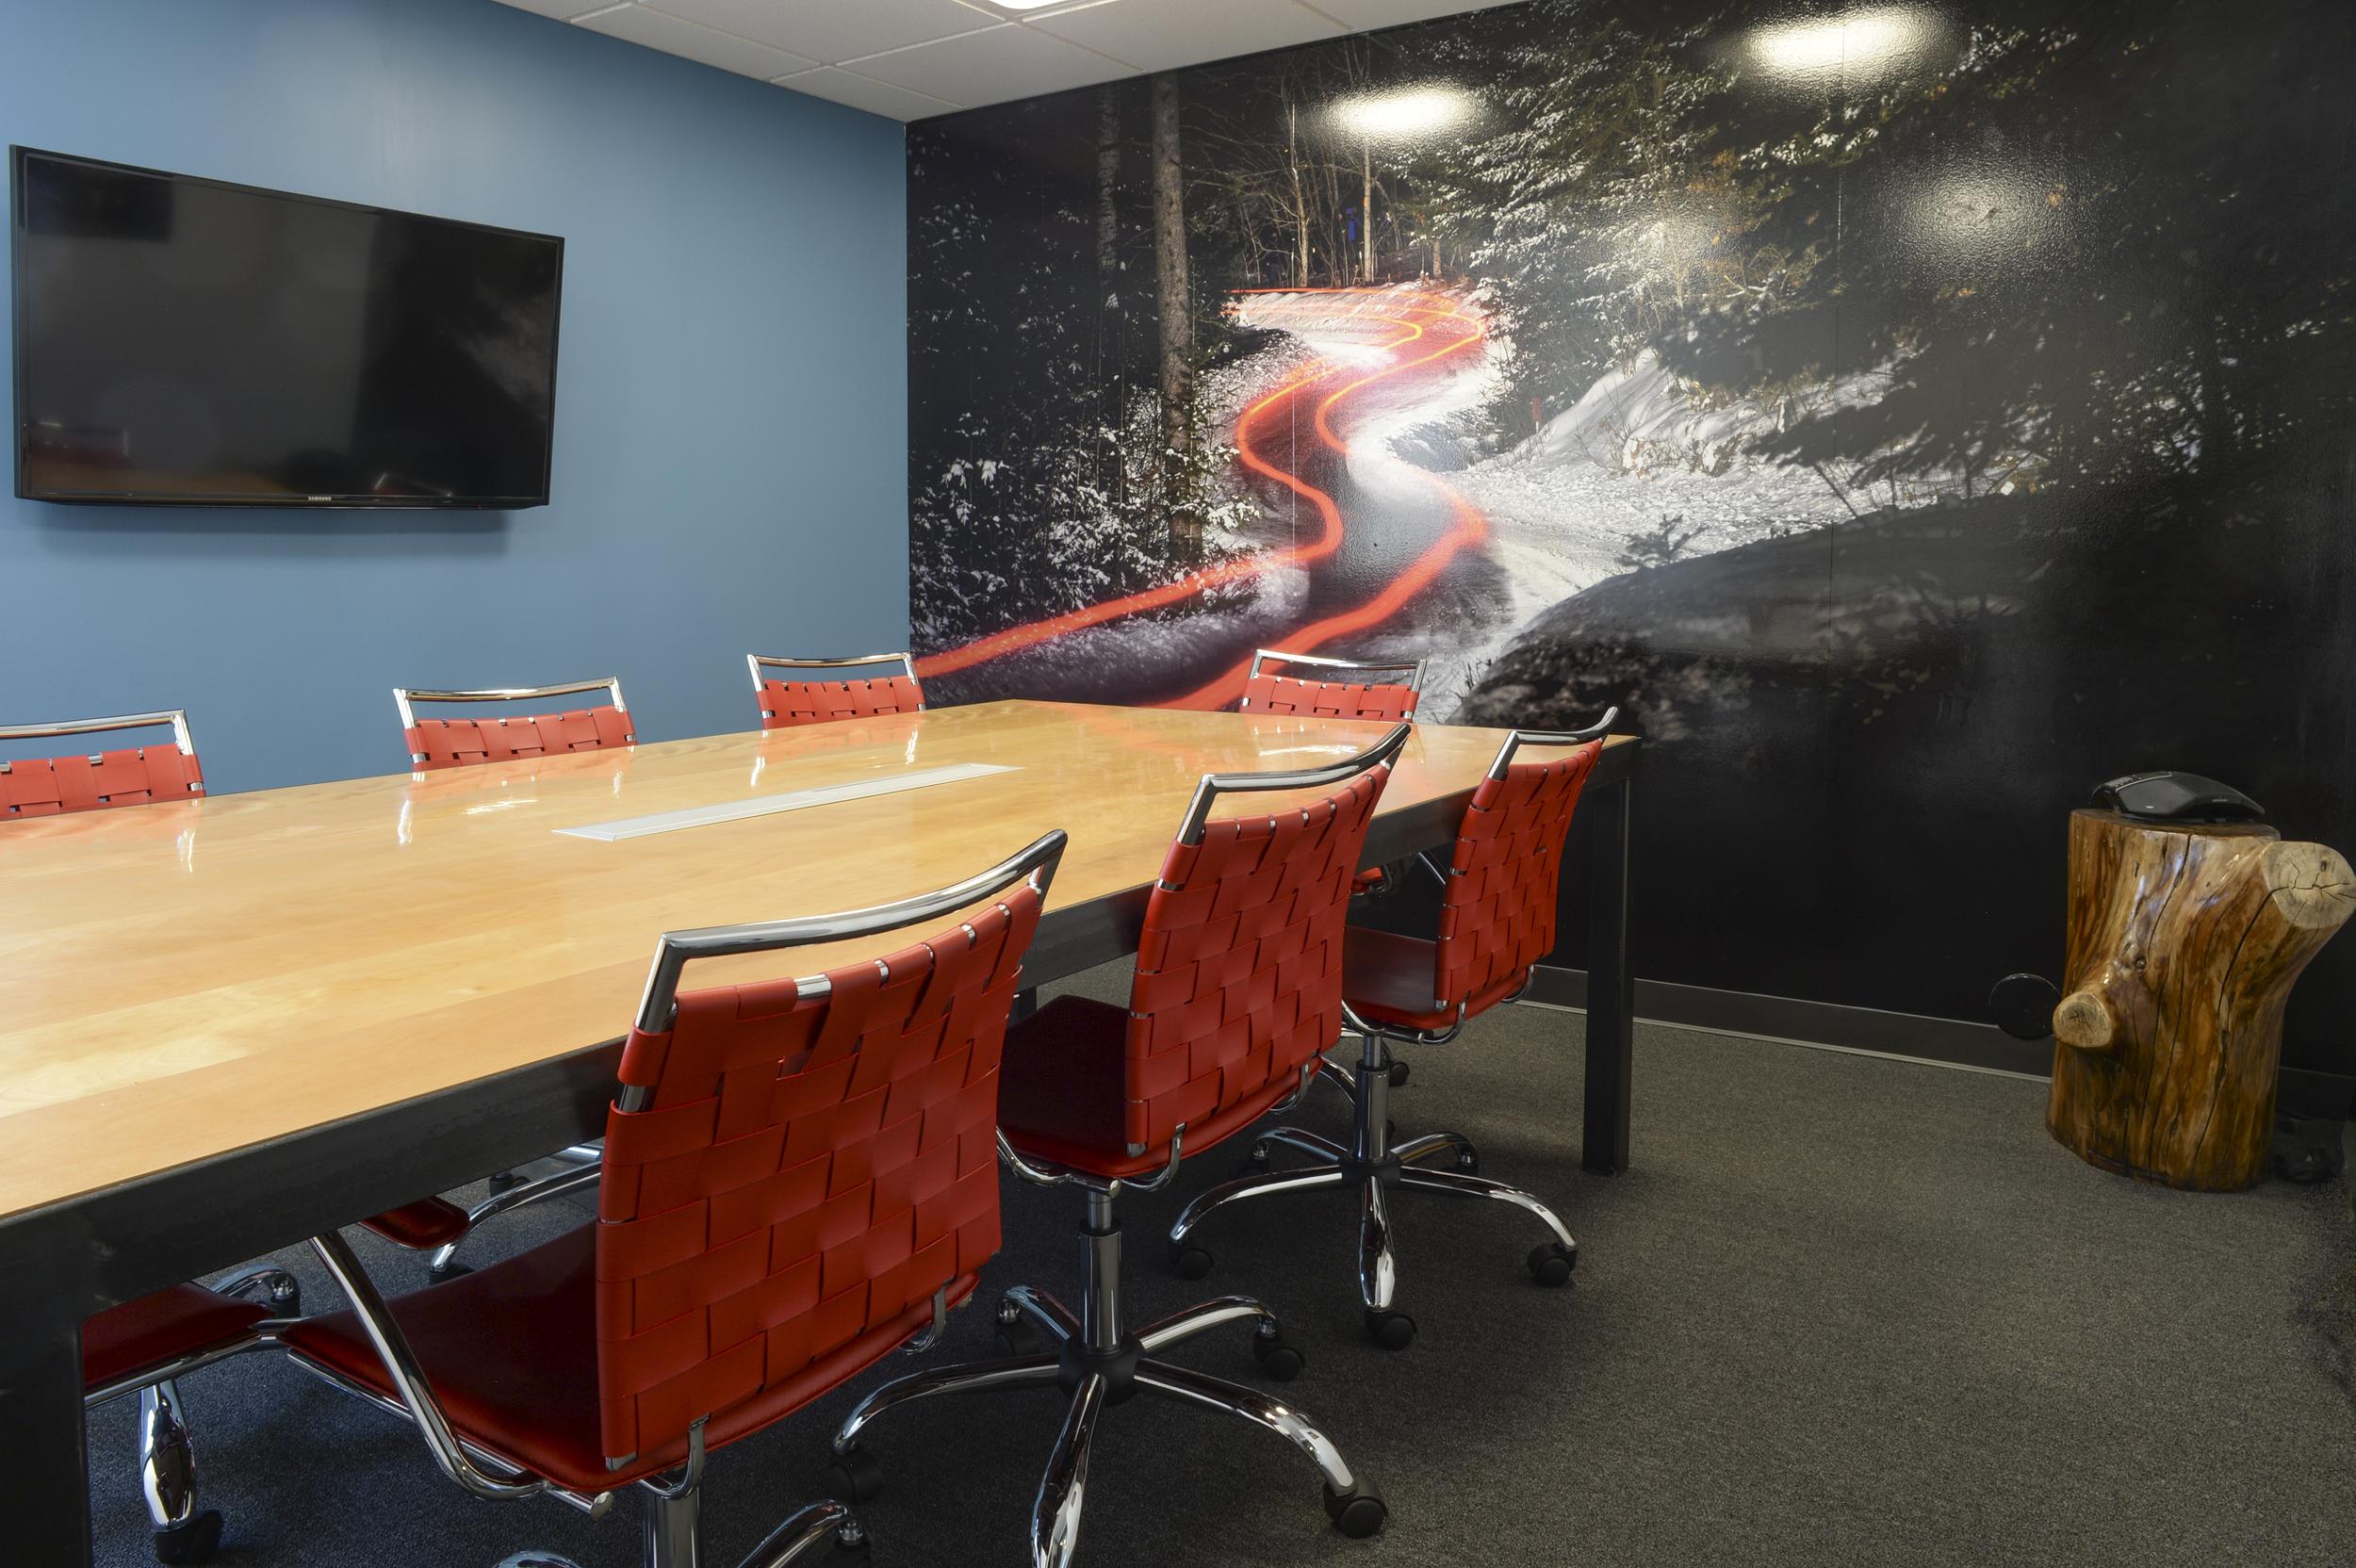 conferenceroom_2.jpg